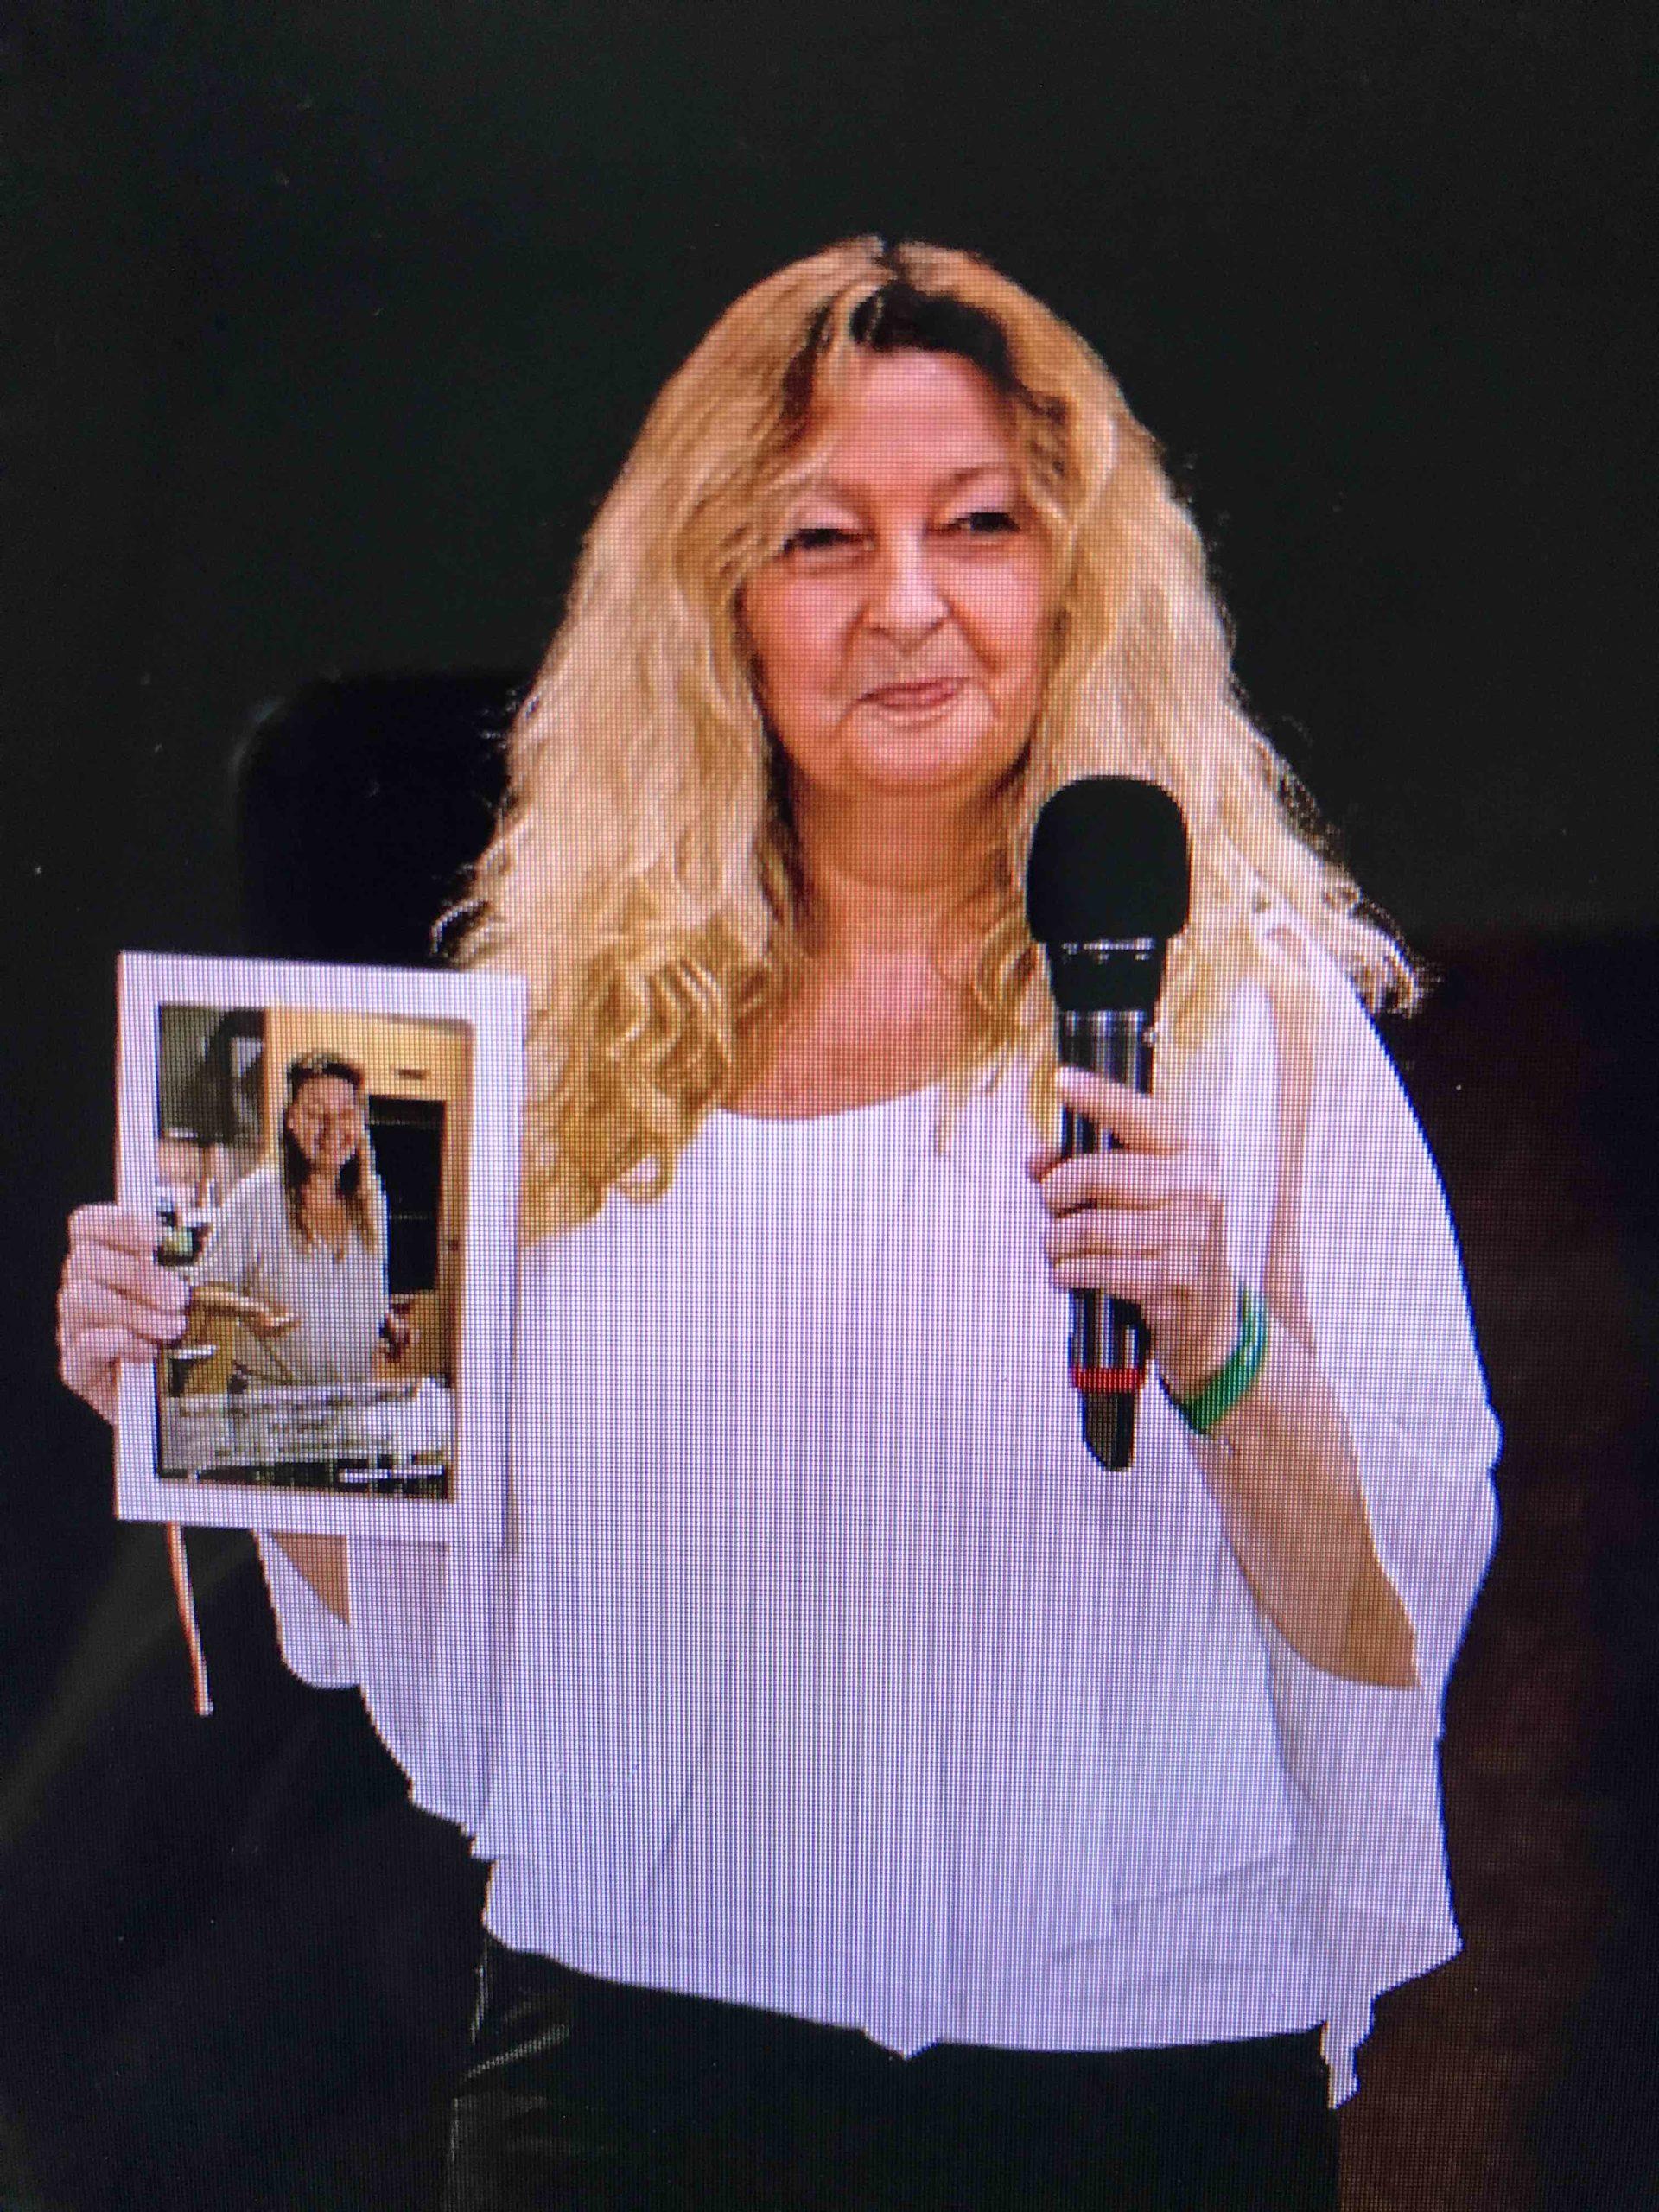 Susanne Panhans on Stage mit Nahrungsmittelintoleranzen - na und?